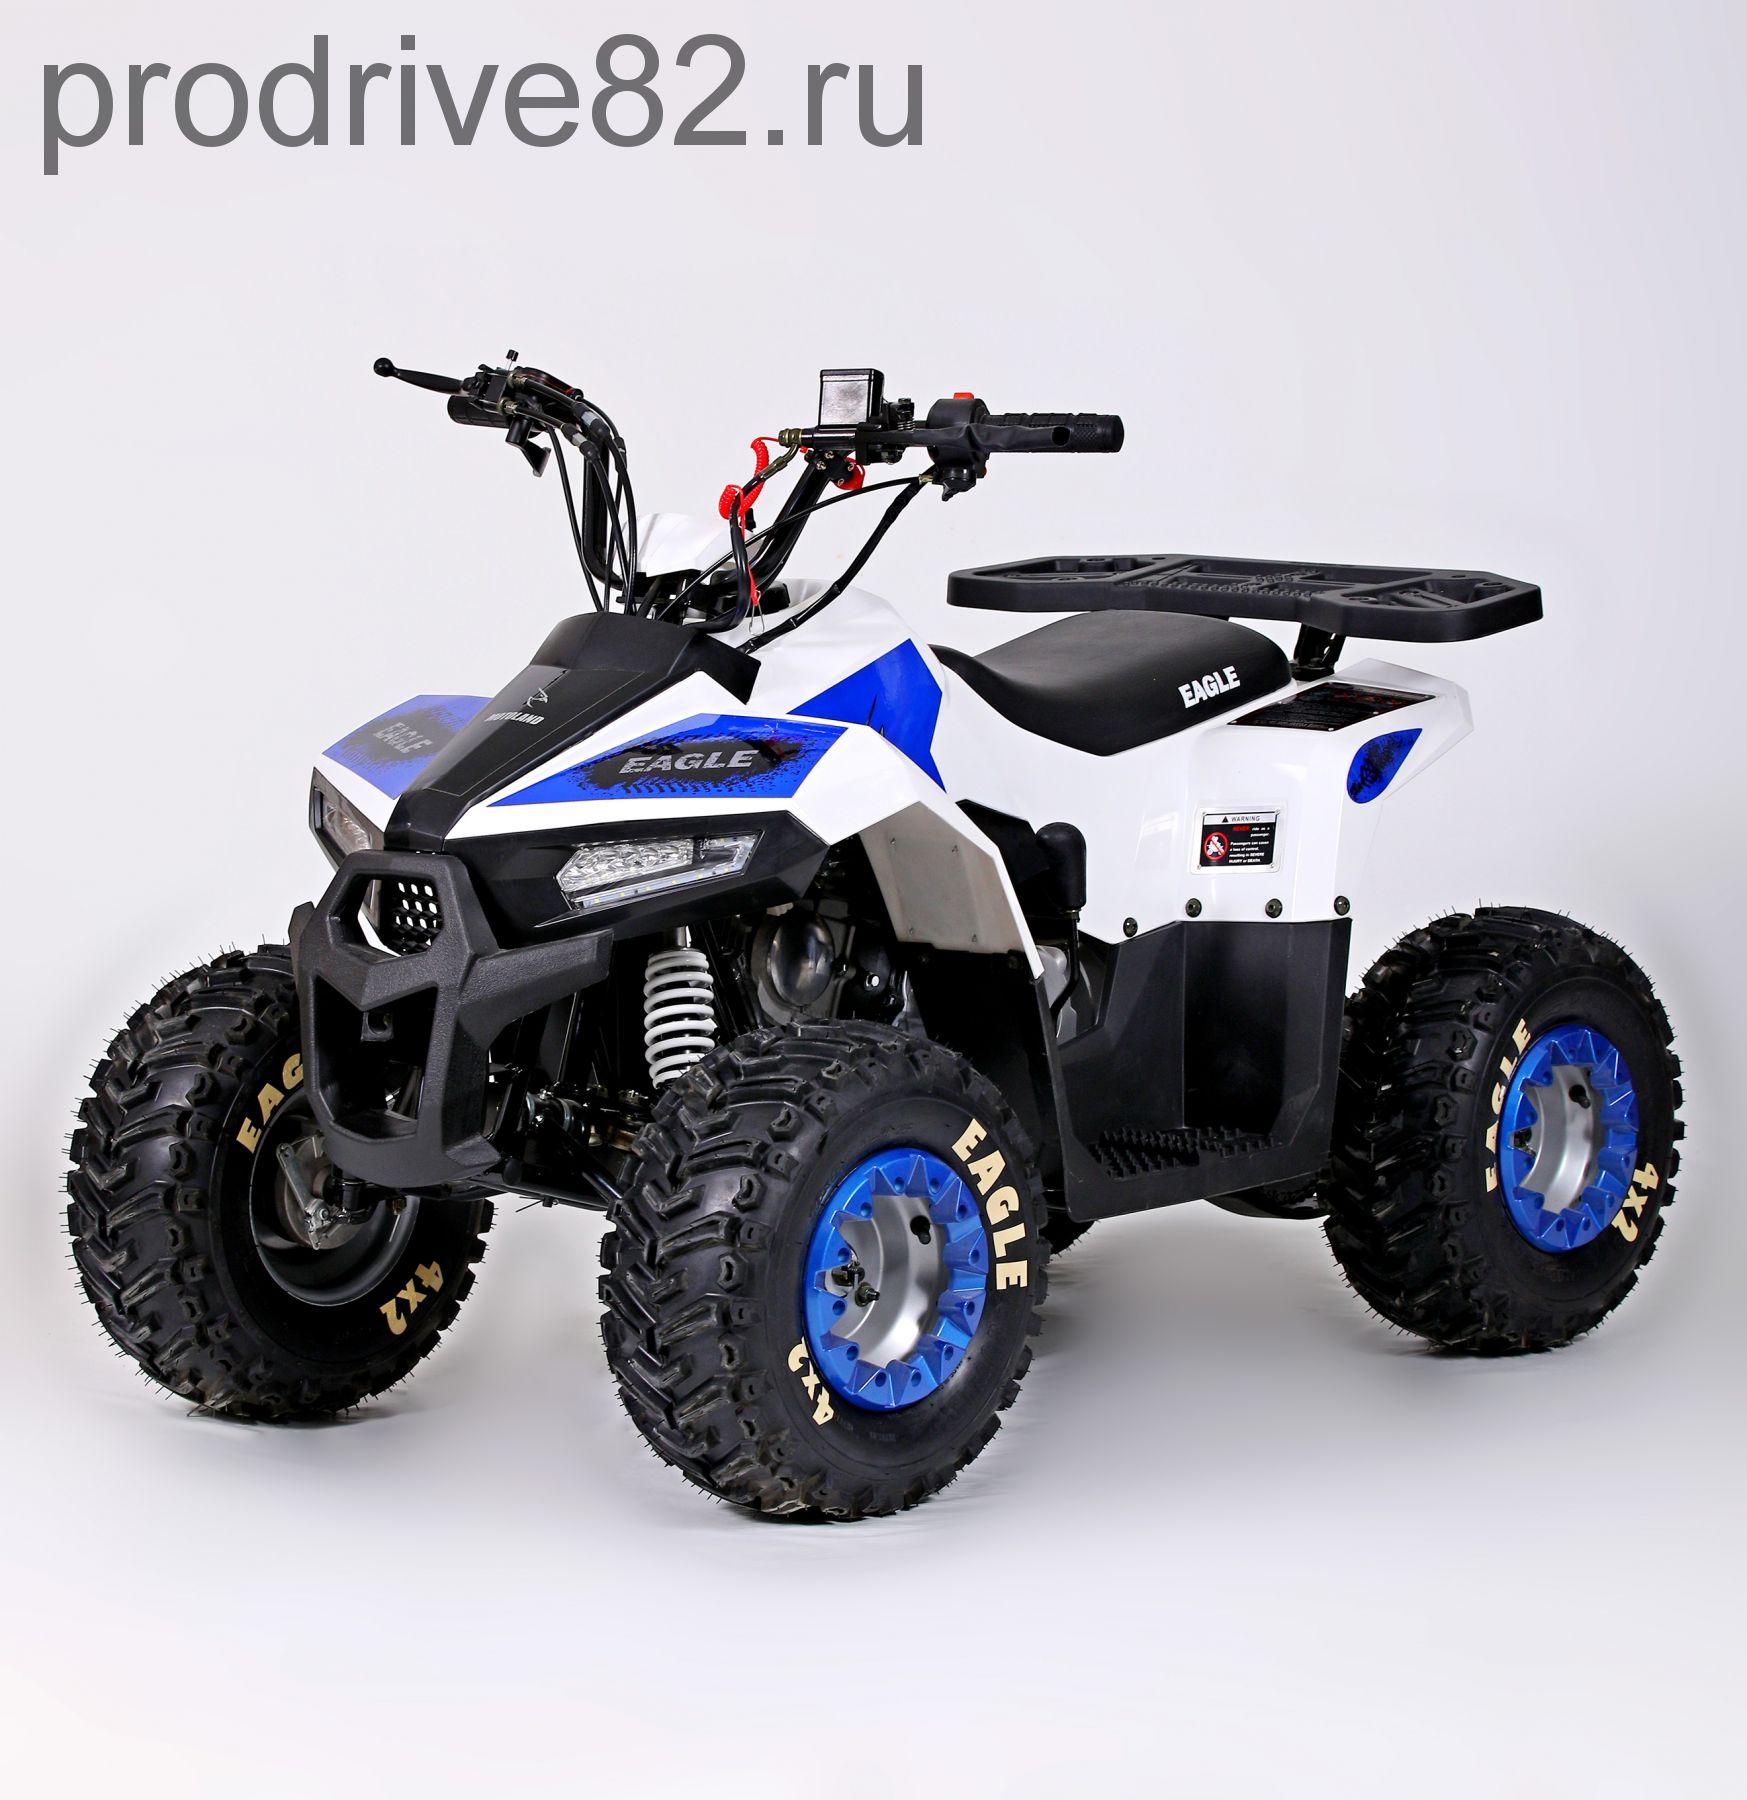 Motoland Eagle 110 сс Квадроцикл бензиновый